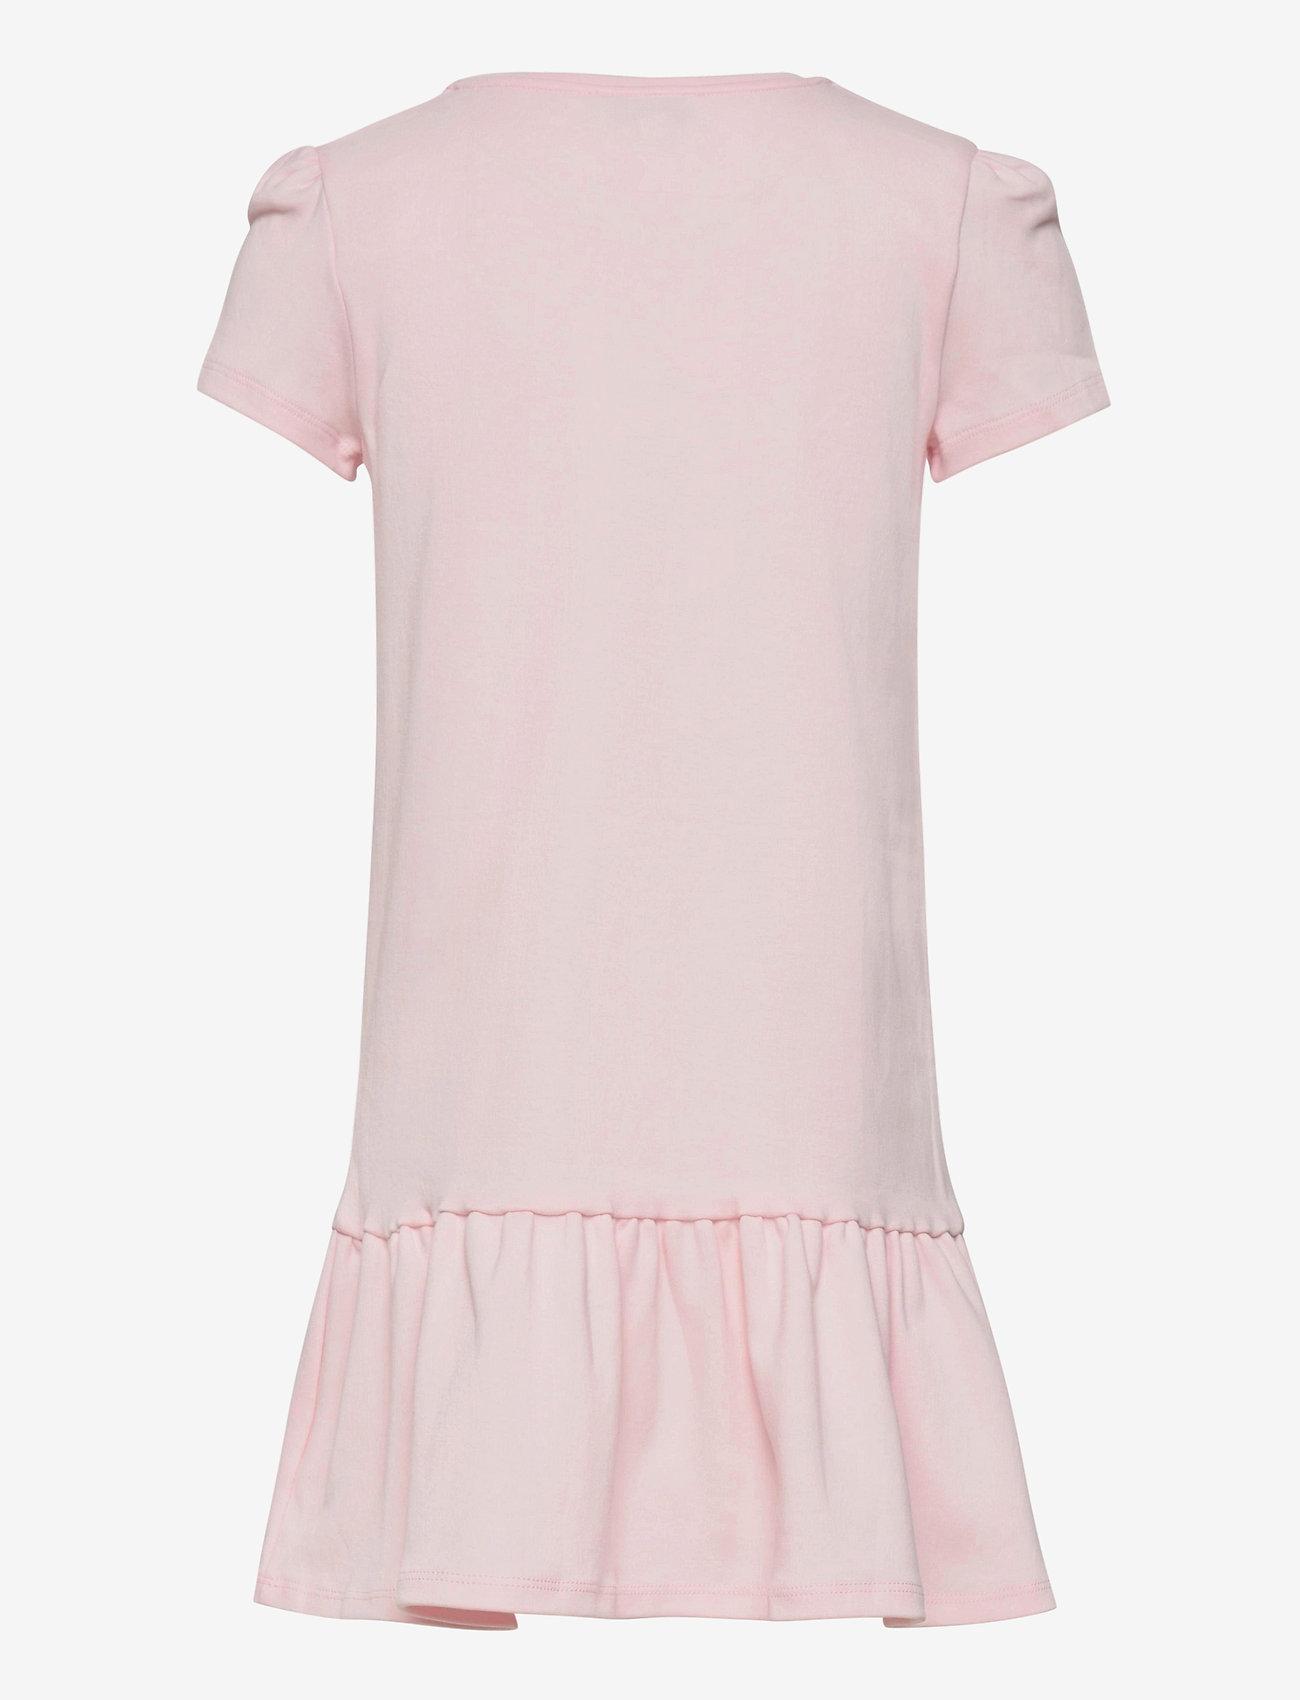 Little Marc Jacobs - DRESS - kleider - light pink - 1